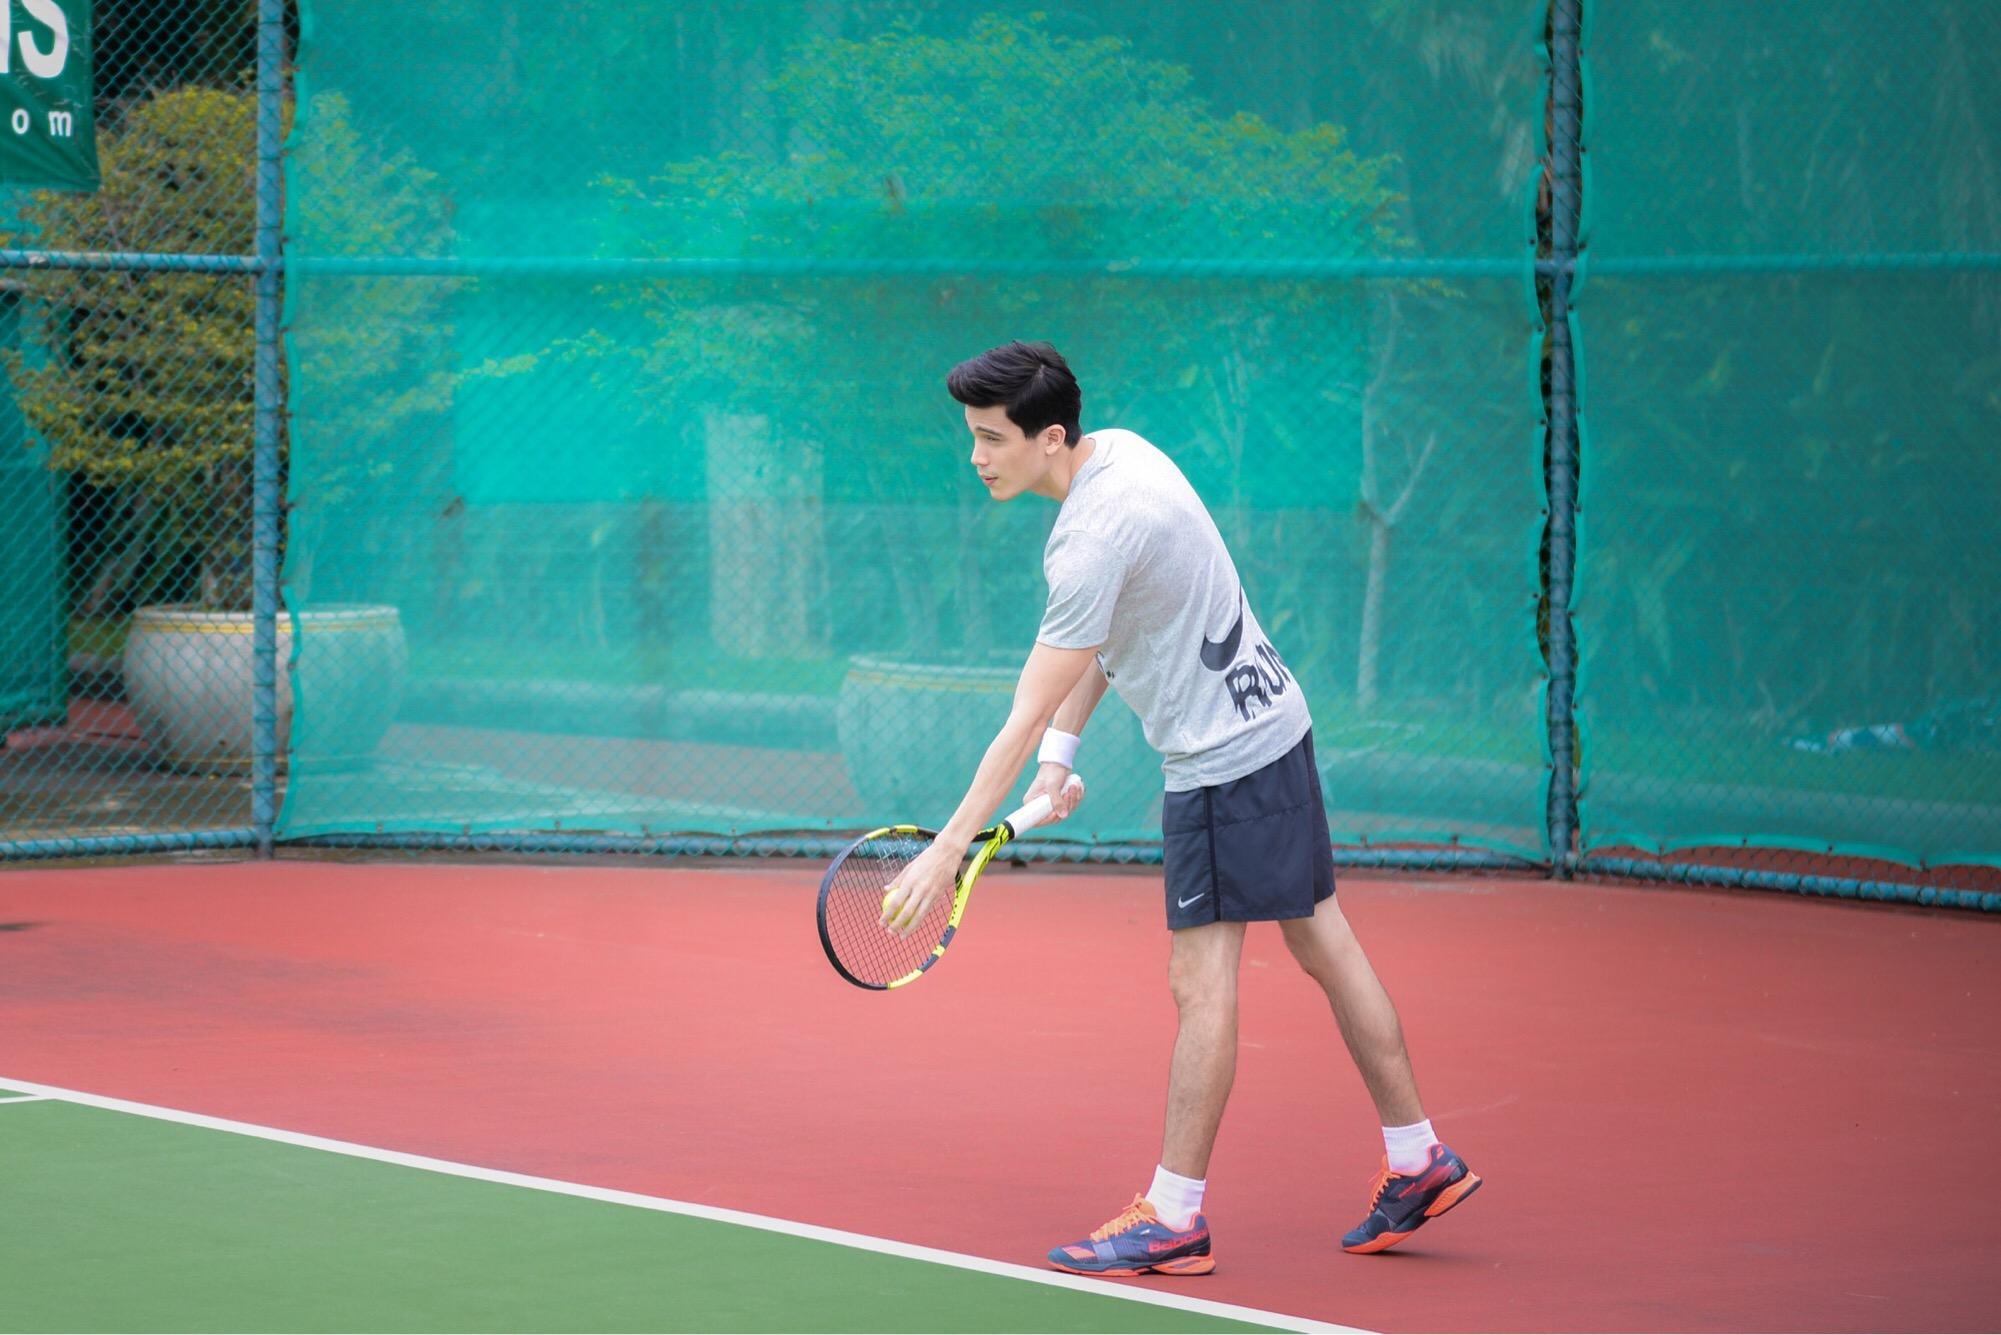 """""""ซันนี่"""" ฟิต เฟิร์ม เสริมกล้าม!!!พร้อมมากกับบท """"นักเทนนิส"""" ใน """"มิสเตอร์เฮิร์ท มือวางอันดับเจ็บ"""""""